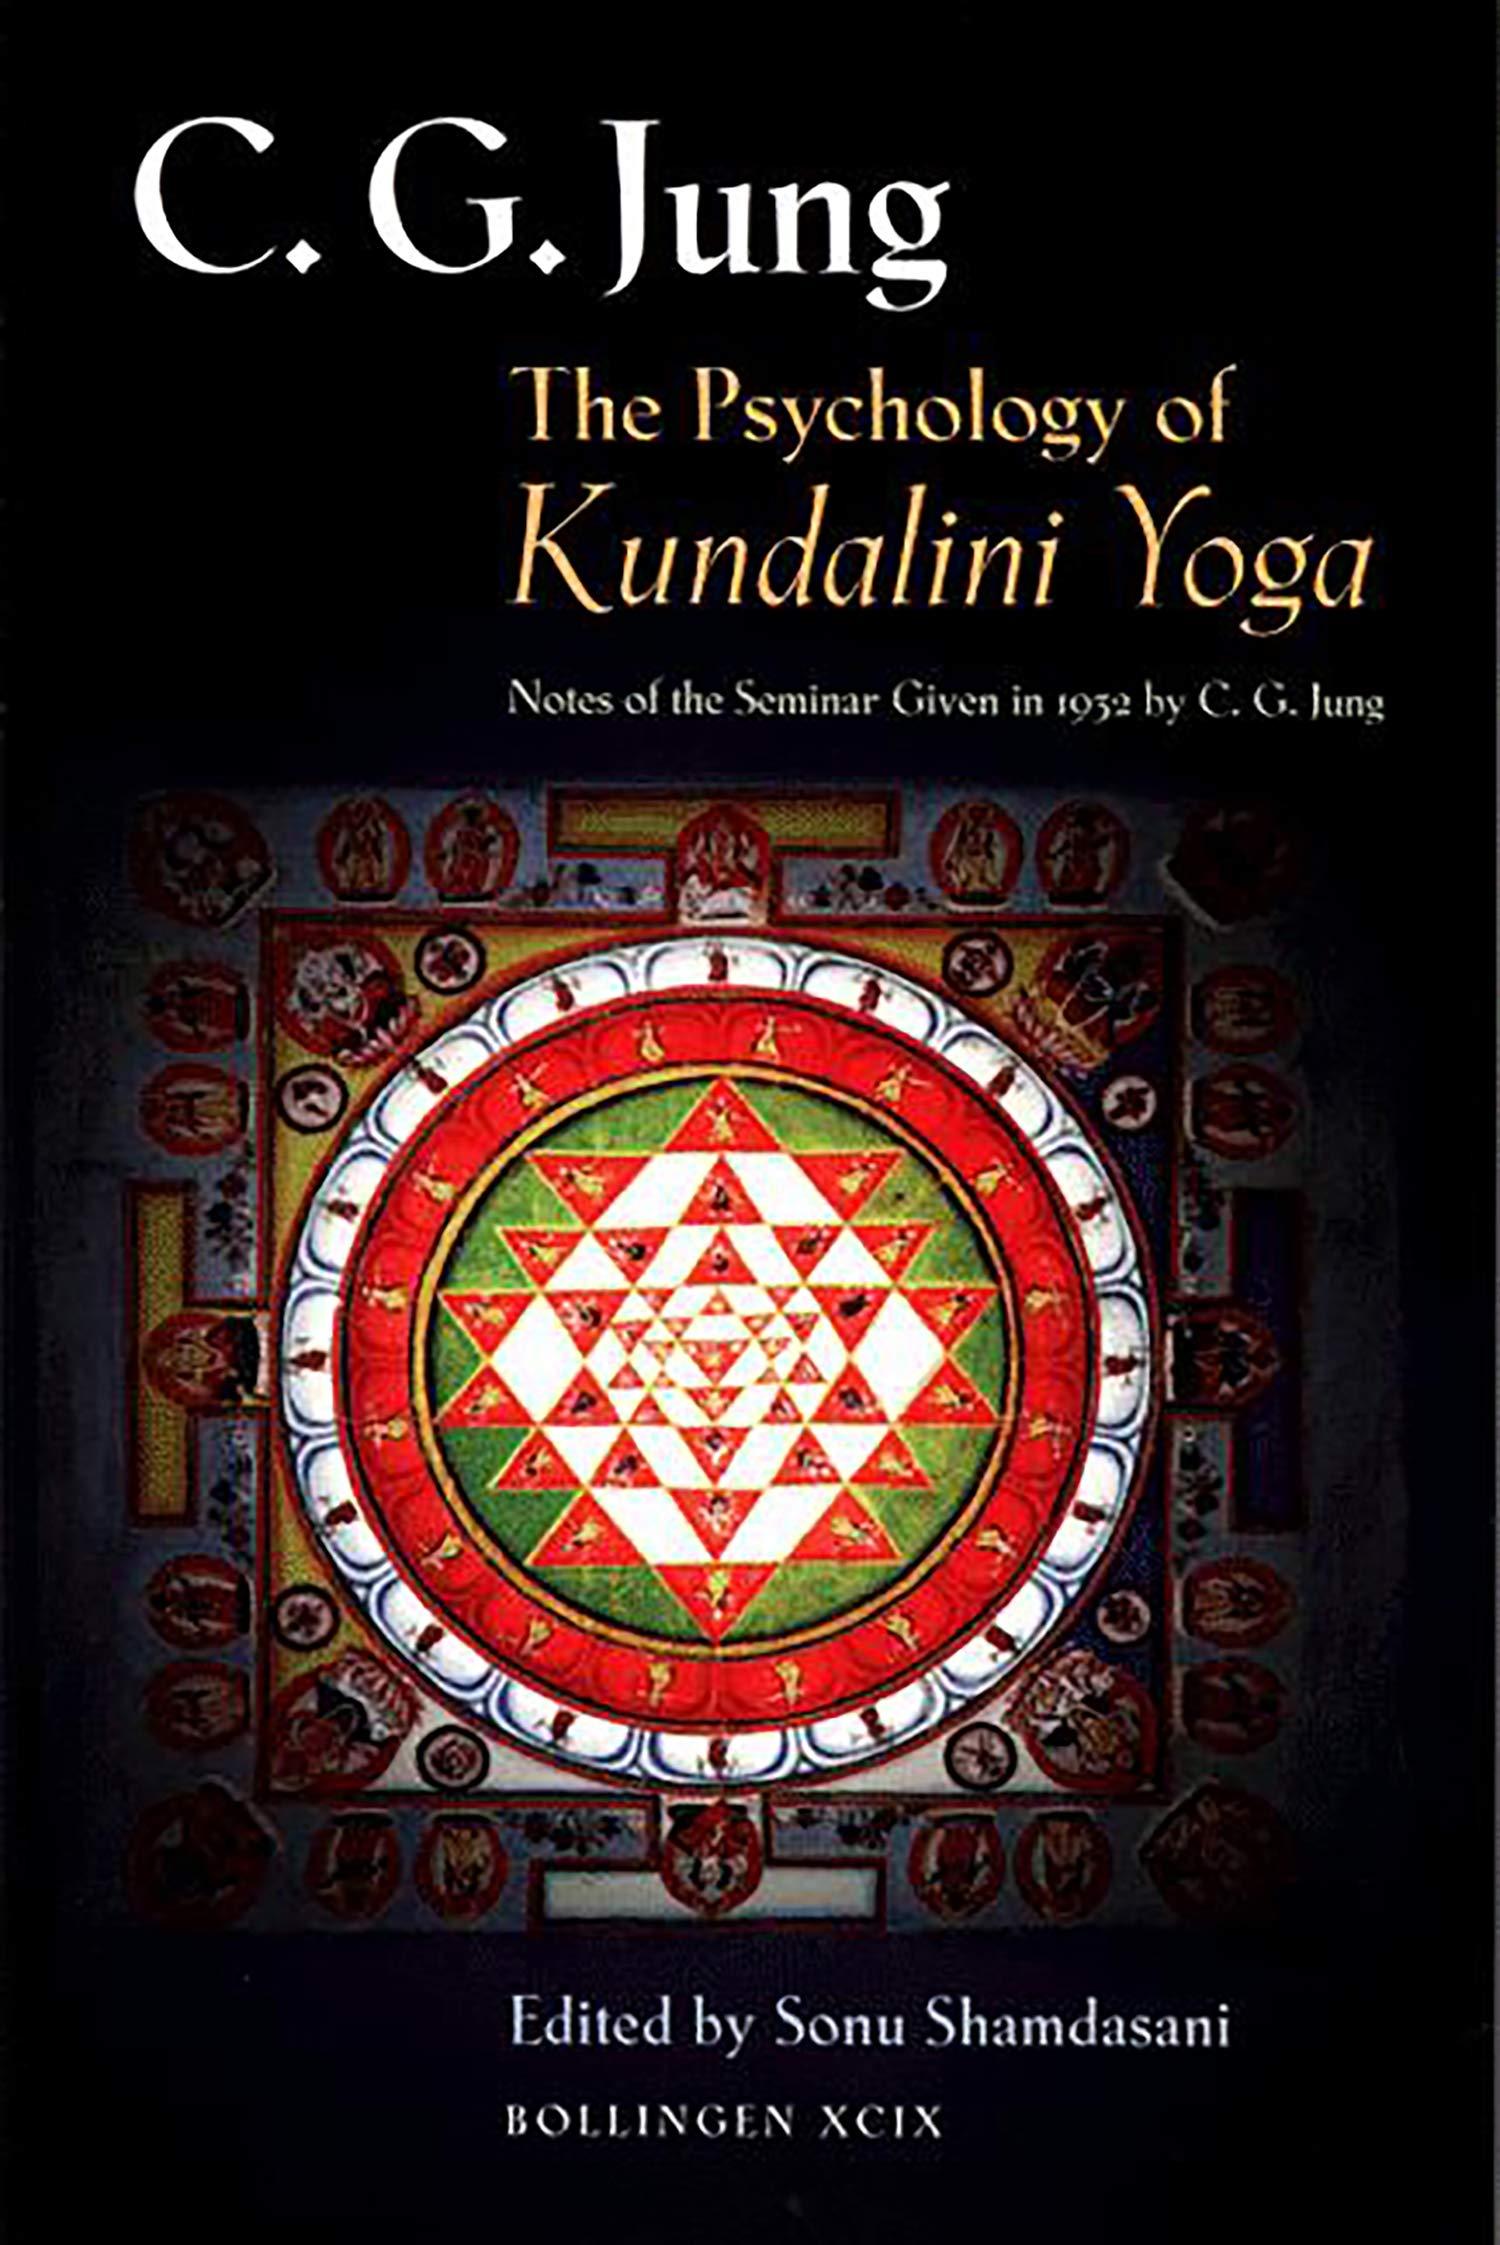 Amazon com: The Psychology of Kundalini Yoga (8601422731125